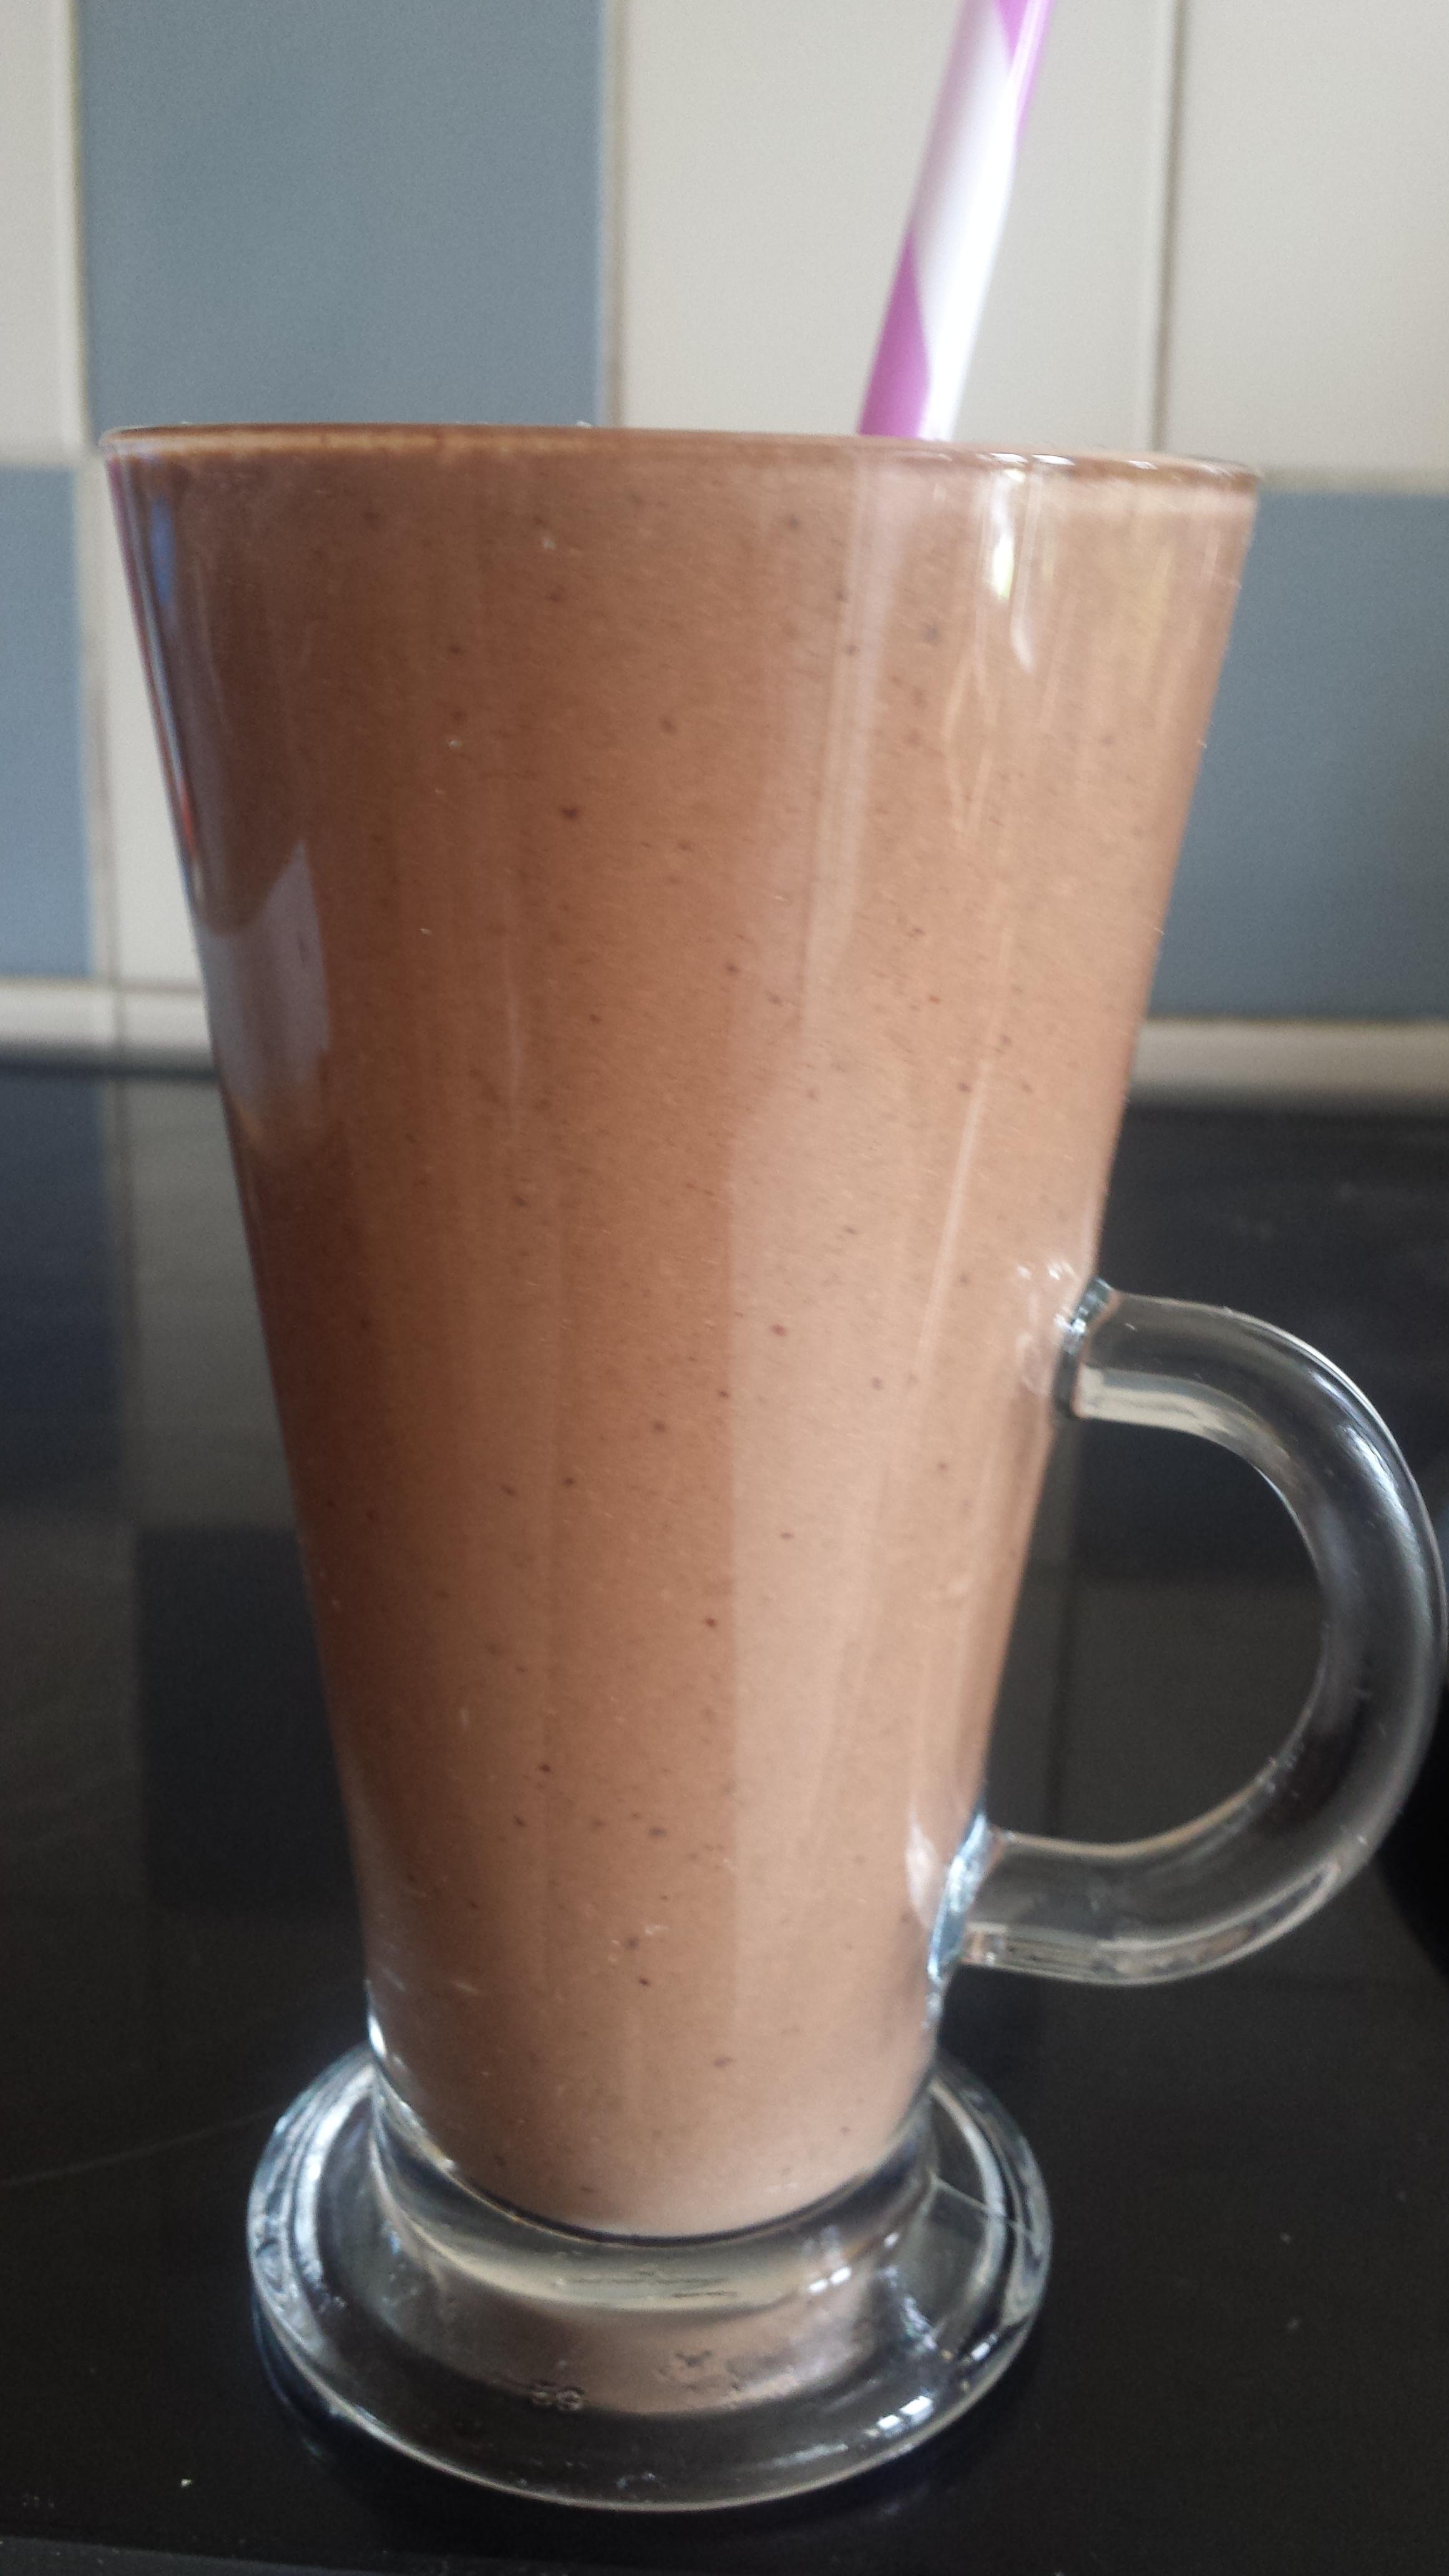 www.coreoflife.co.uk - chocolate protein shake